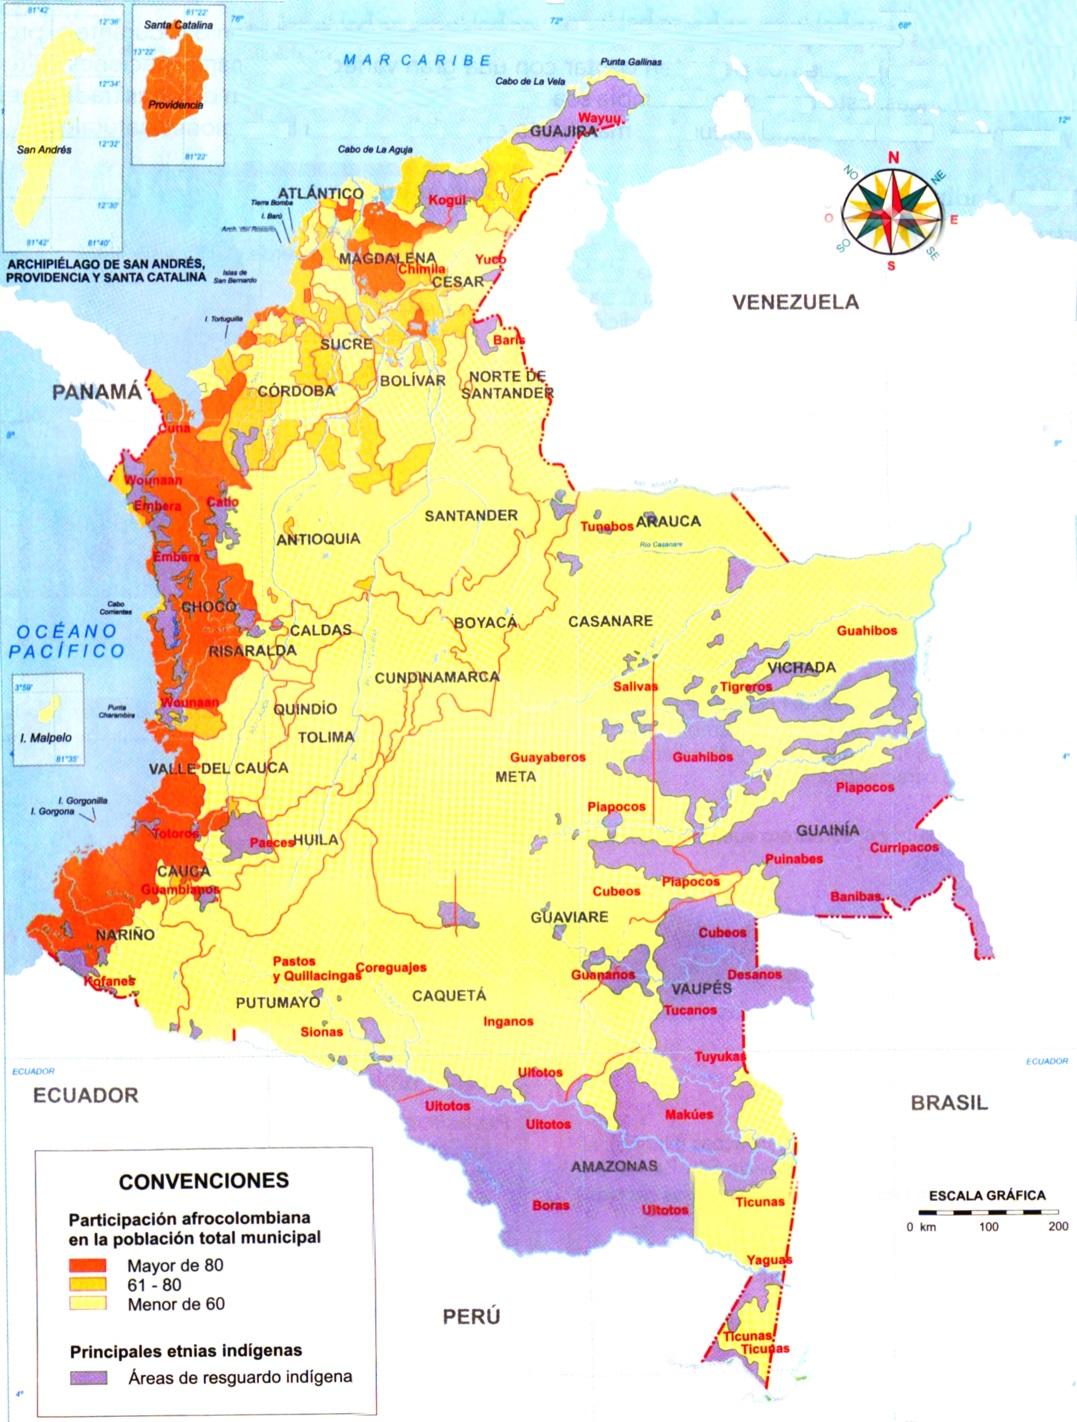 Mapa de Colombia: Ubicación de las comunidades indígenas y afrocolombianas SocialHizo